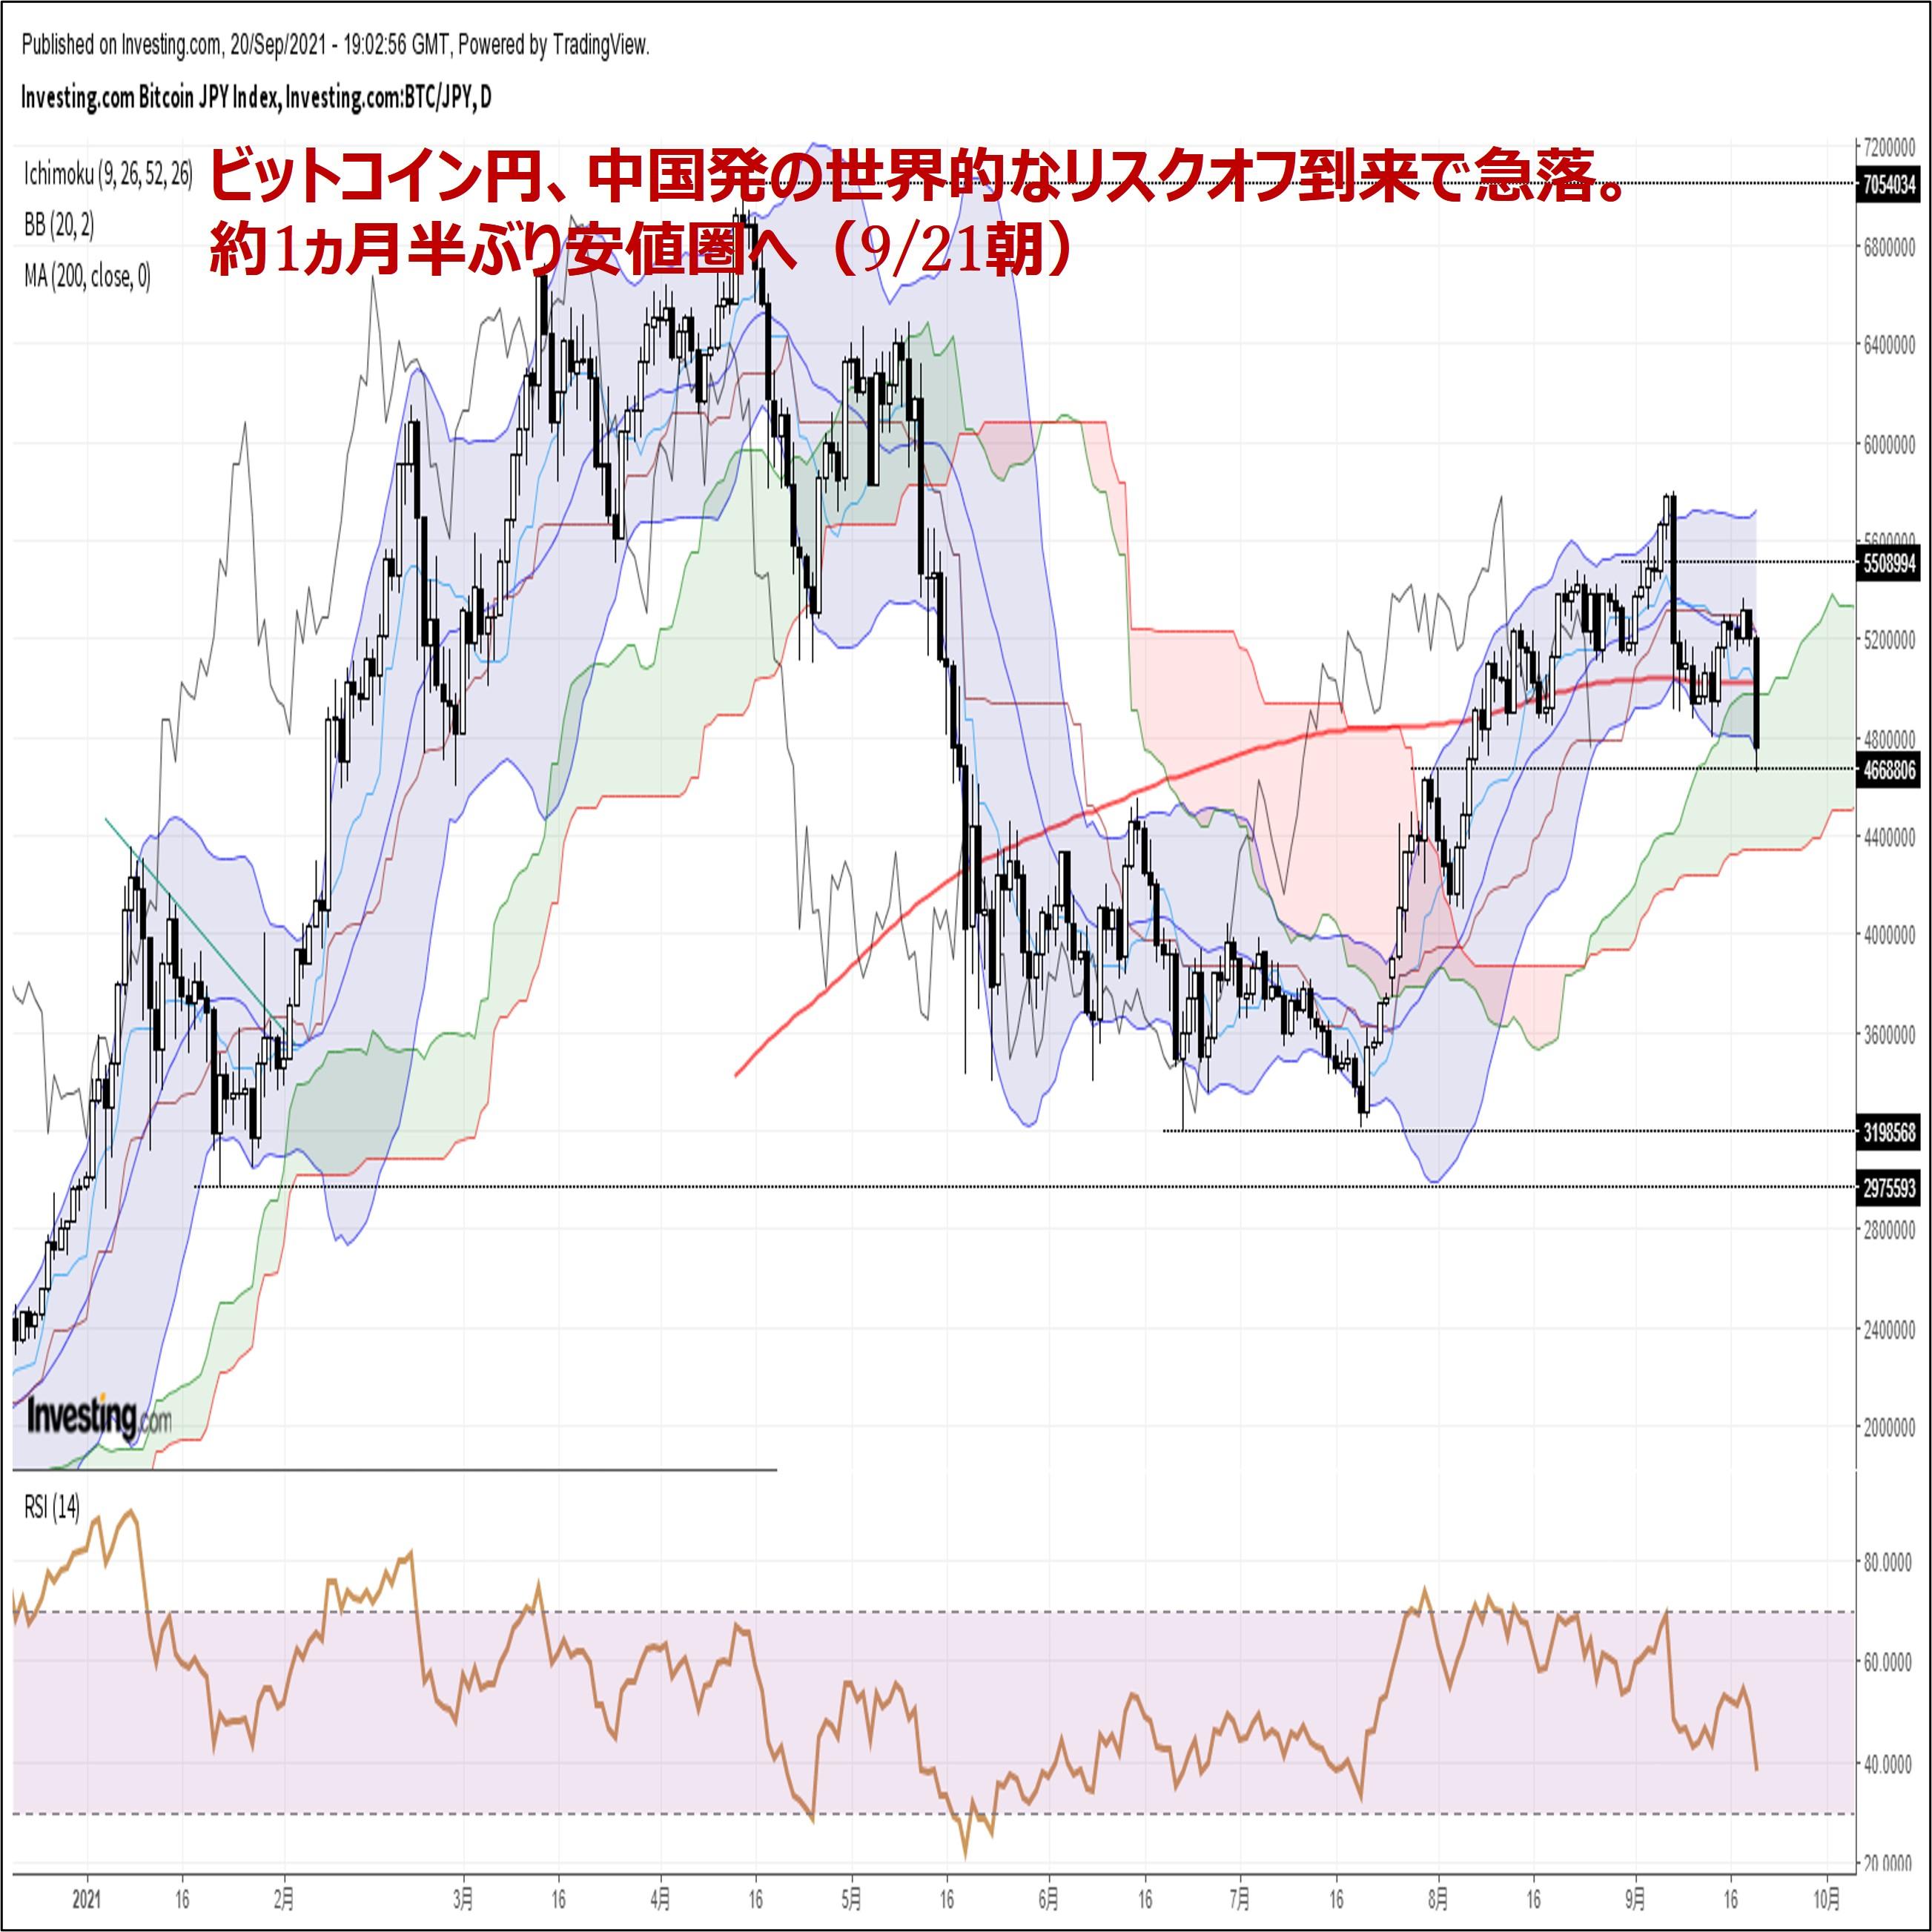 ビットコイン円、中国発の世界的なリスクオフ到来で急落。約1ヵ月半ぶり安値圏へ(9/21朝)